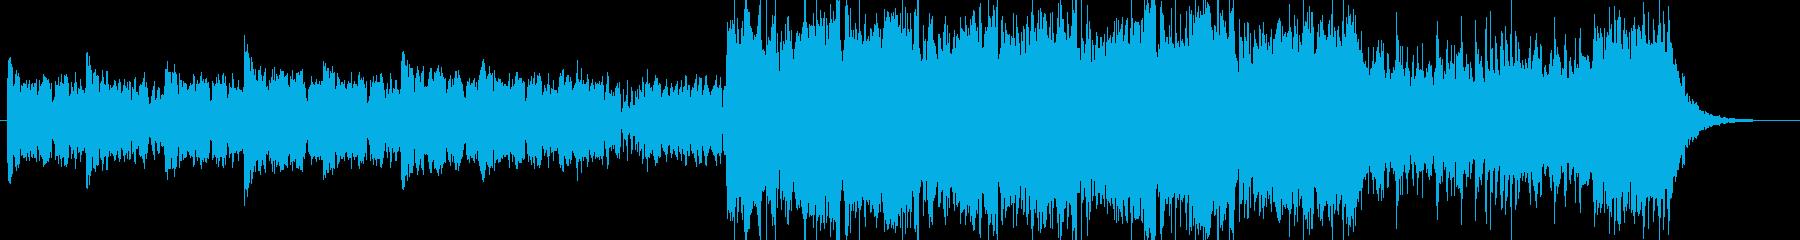 怪しい音の入ったSF感のある曲の再生済みの波形